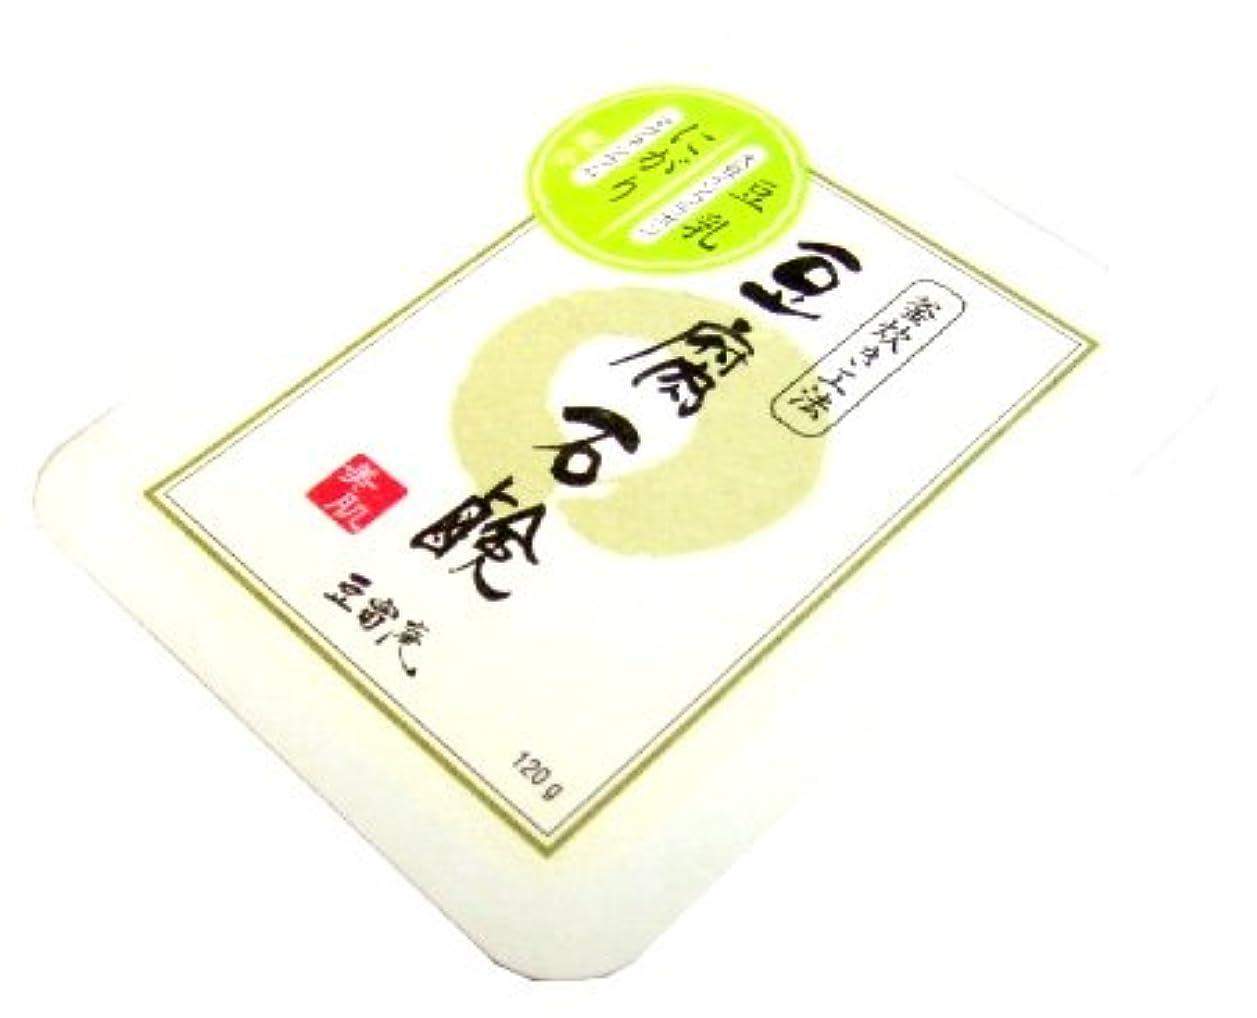 アルプス違反兄弟愛コジット 豆腐石鹸